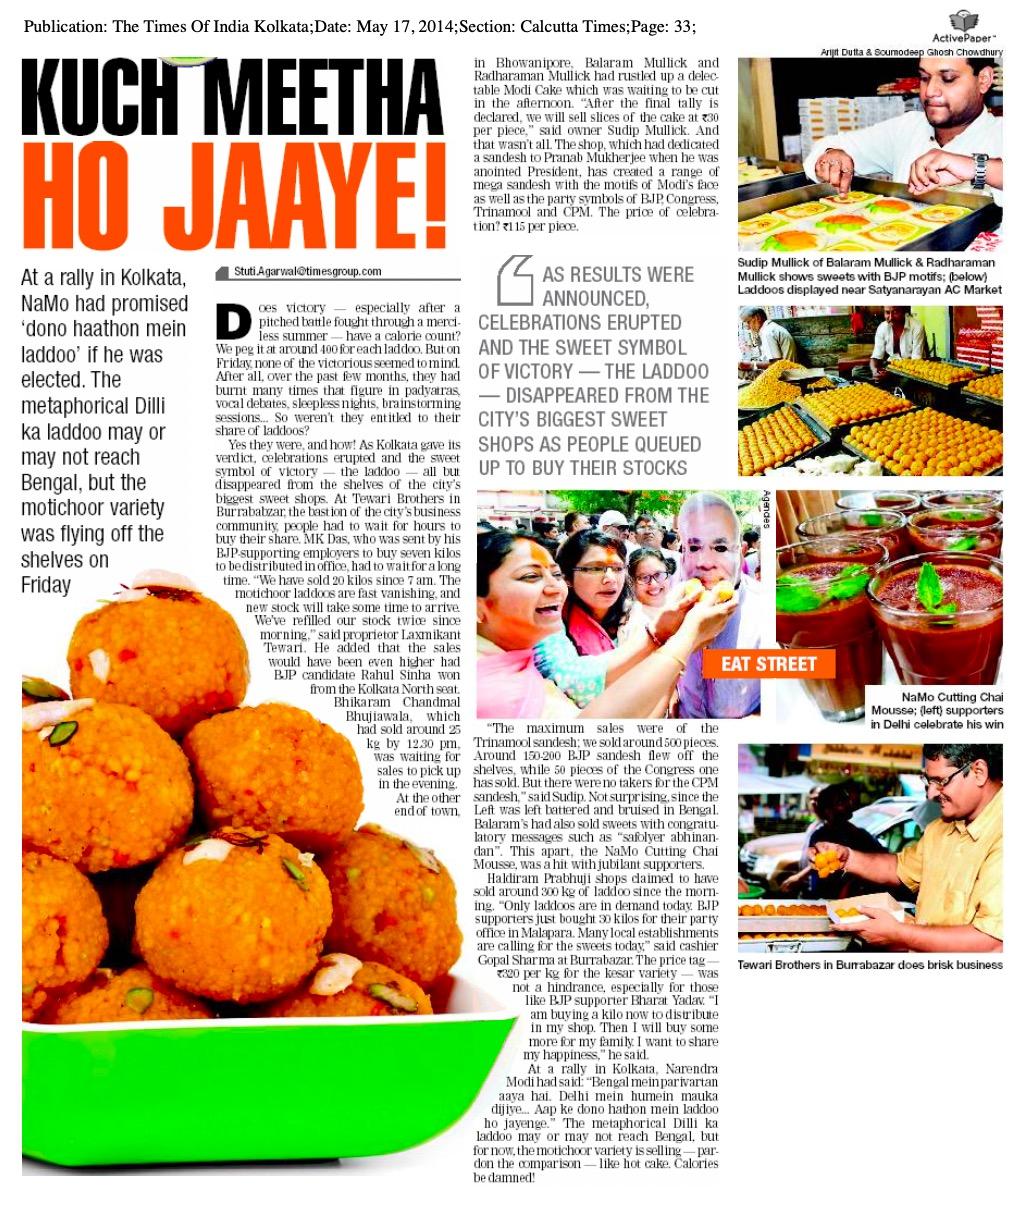 Article - KUCH MEETHA HO JAAYE!